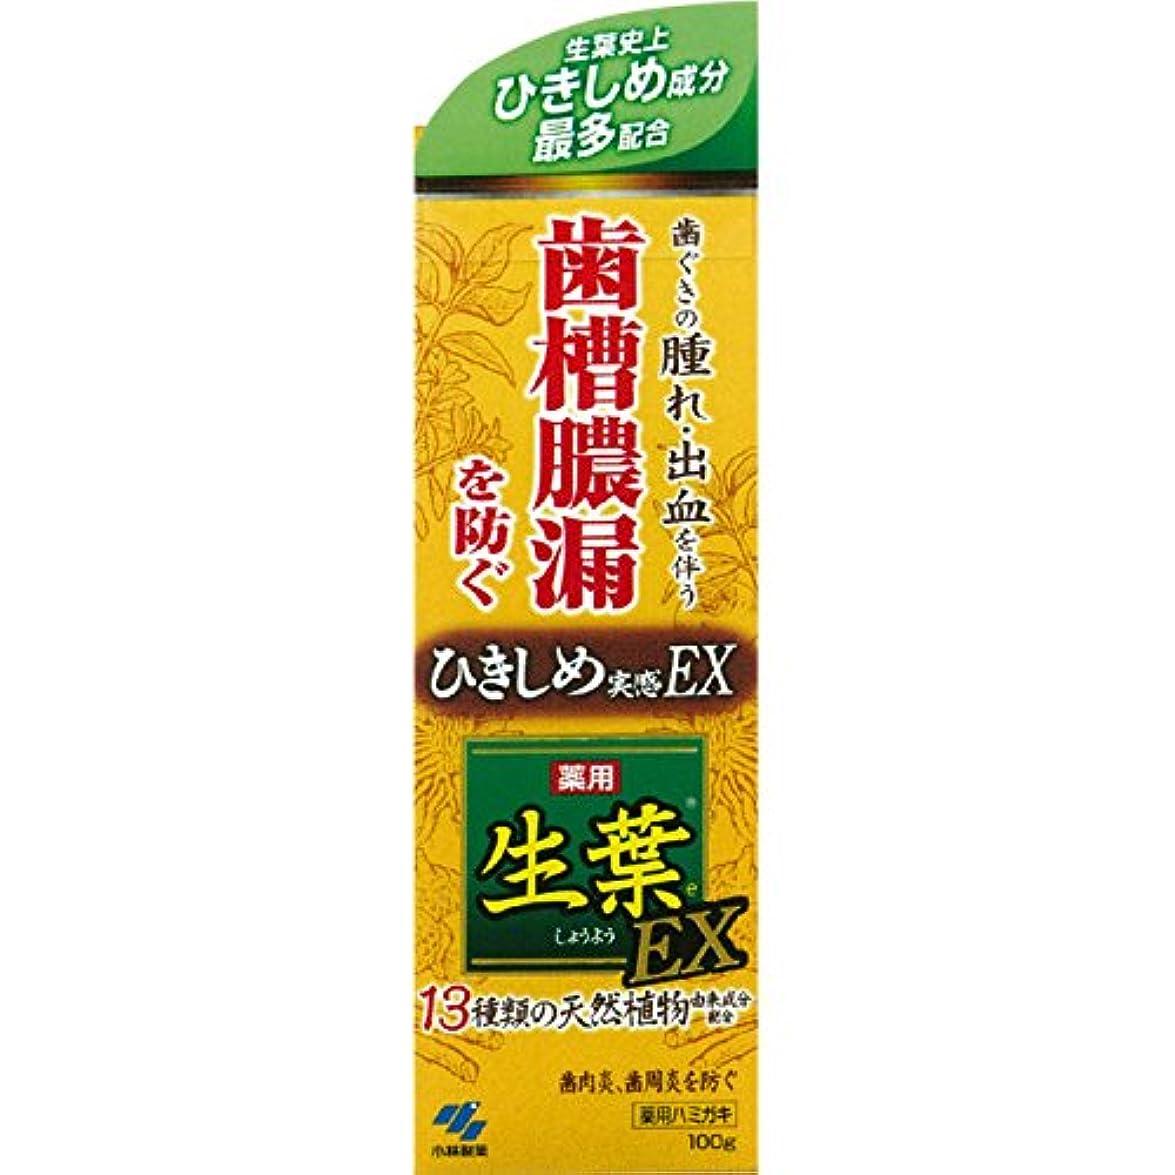 干し草辛な一月生葉EX 100g x4個セット